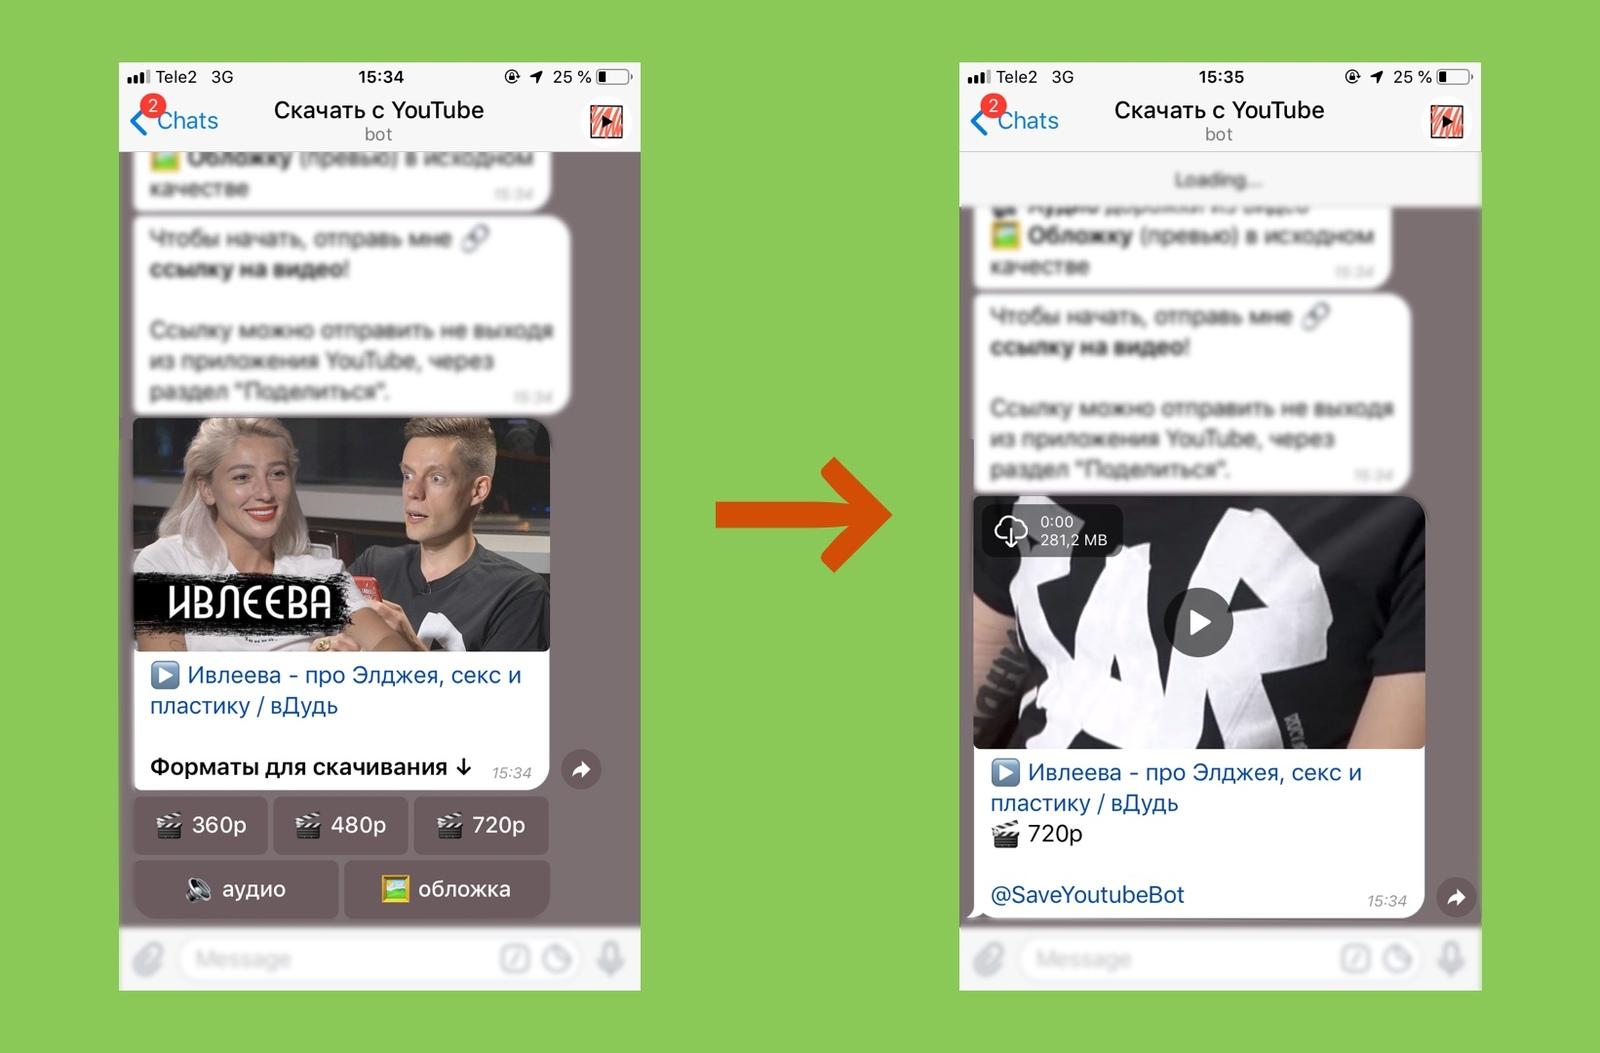 новый бот телеграм по скачиванию видео с Youtube